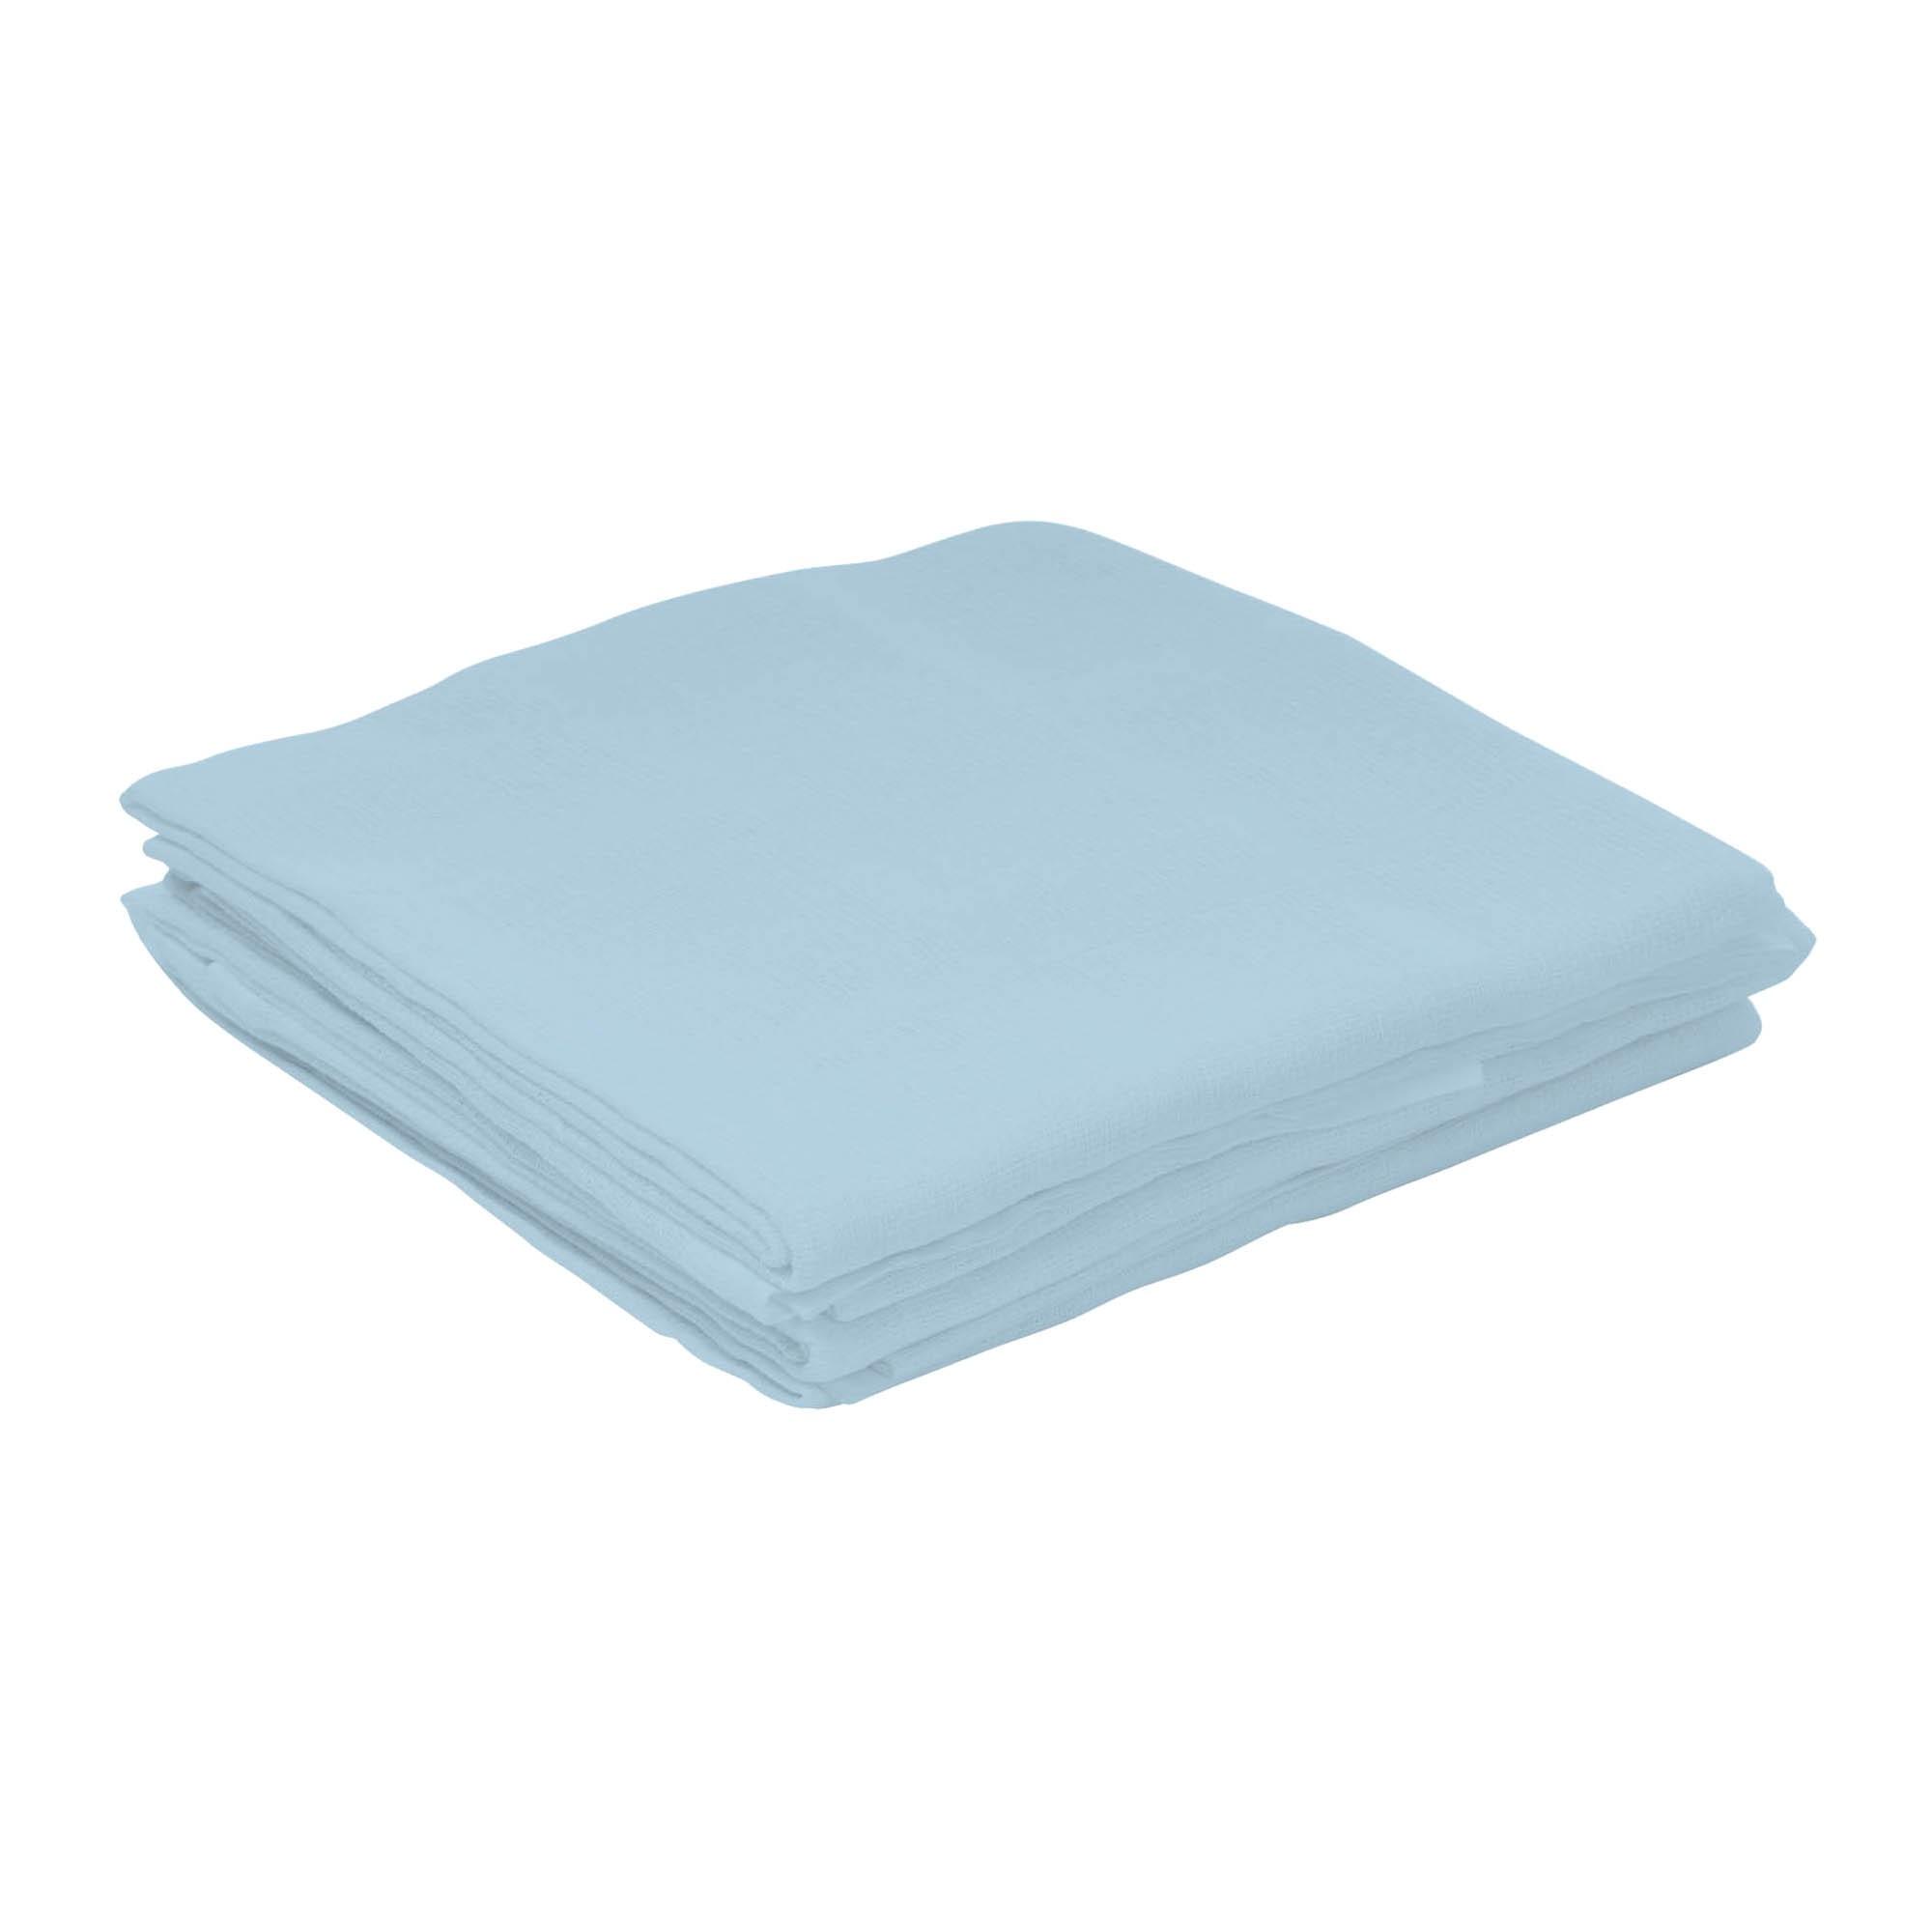 Toalha Fralda com 3 unidades - Incomfral - Pinte e Borde - Azul